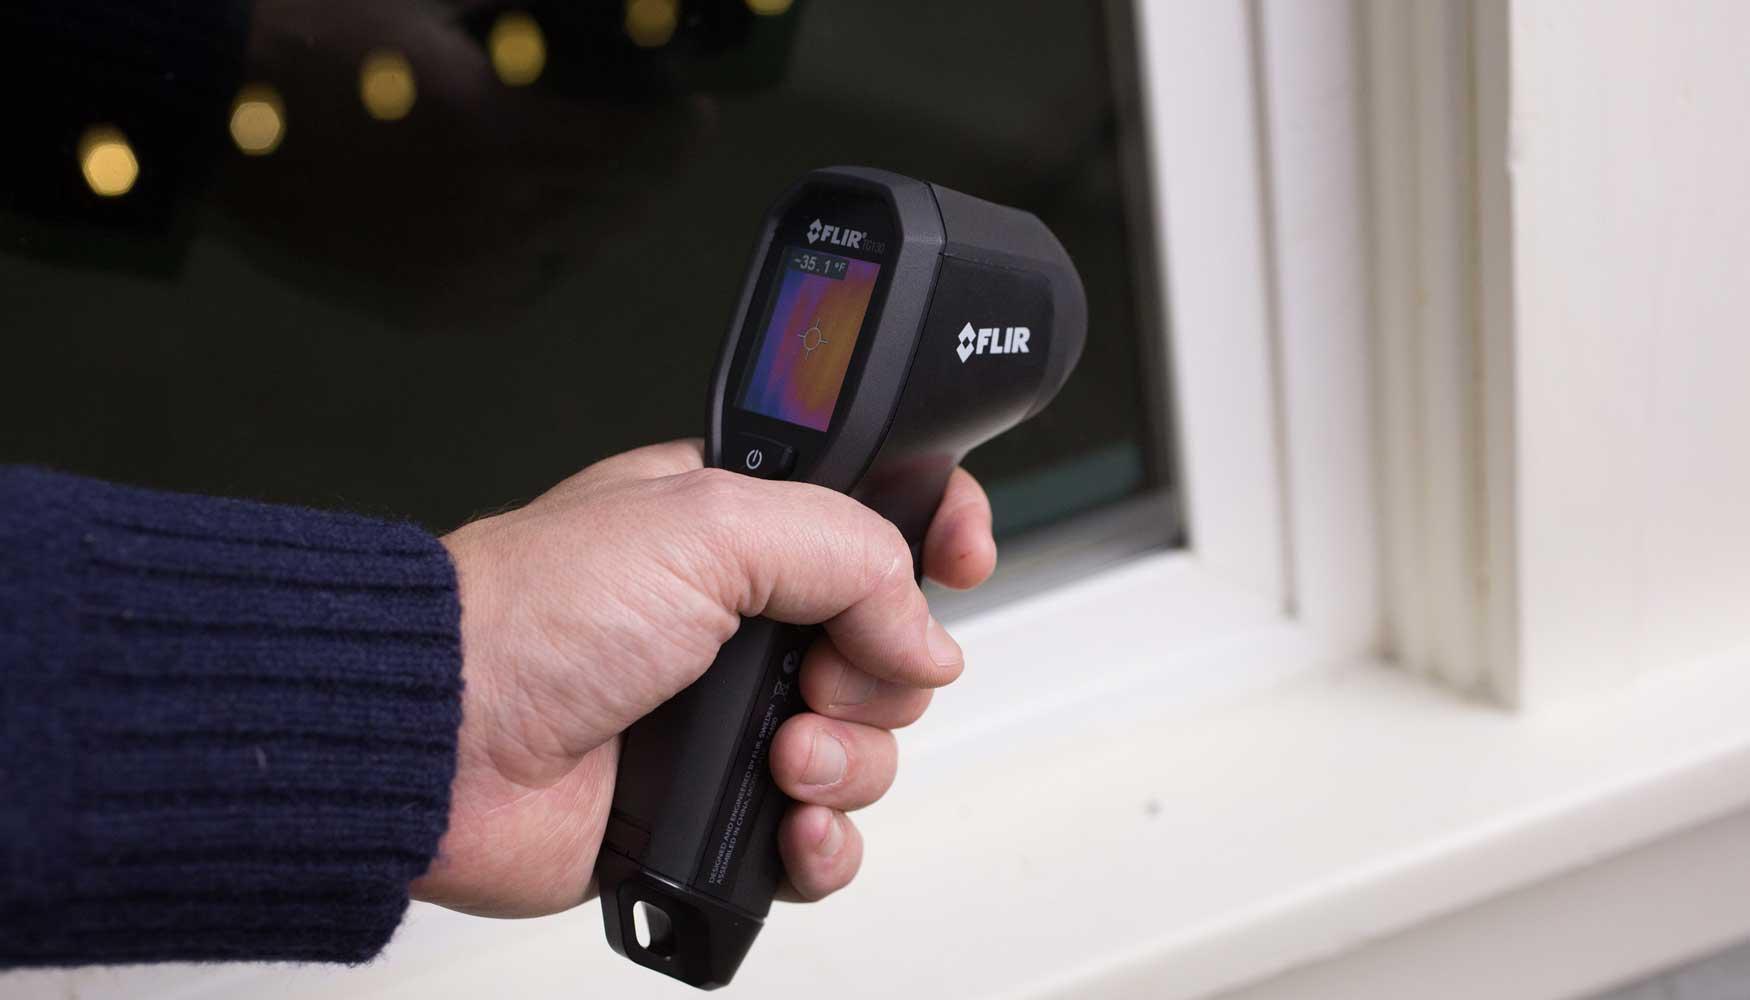 La TG130 de Flir ayuda a las familias a reducir gastos energéticos ...